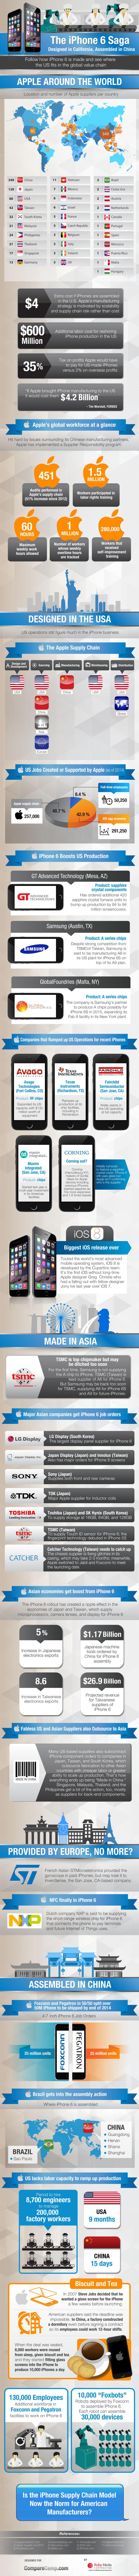 El proceso completo del iPhone 6